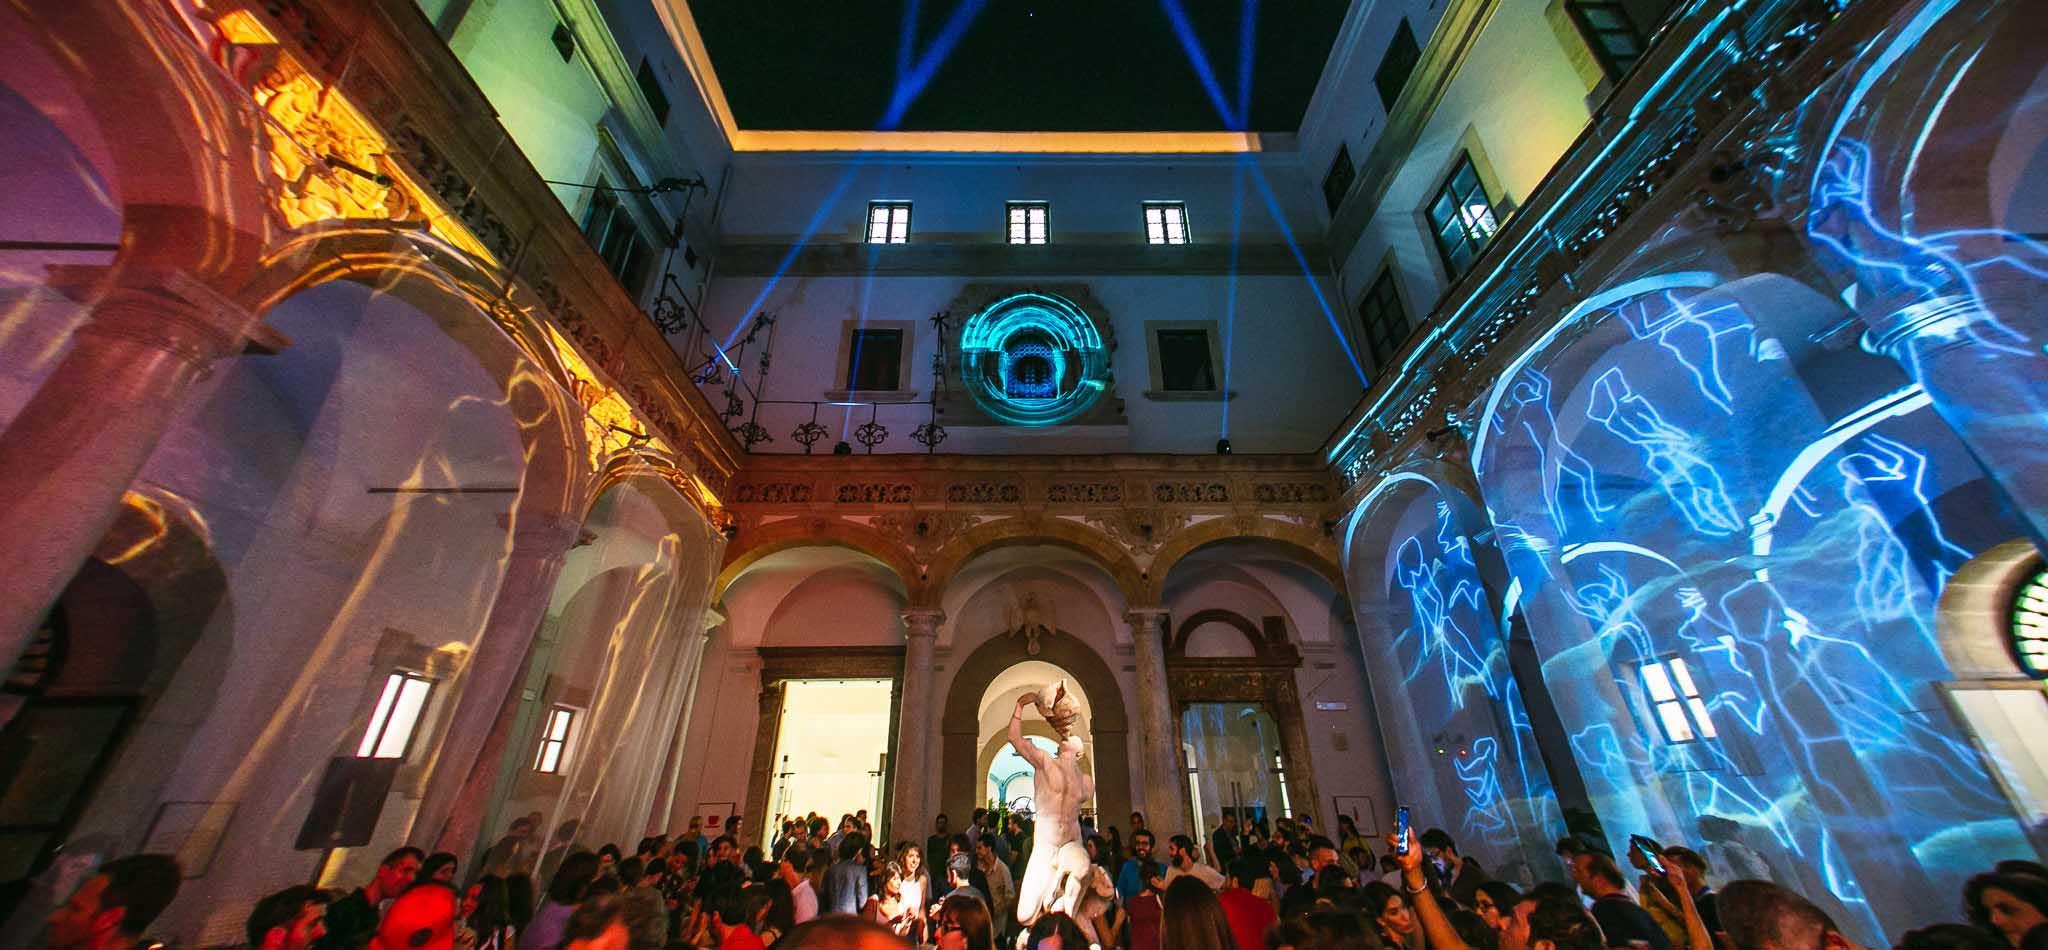 videomapping-Sicilia-Palermo-Italy